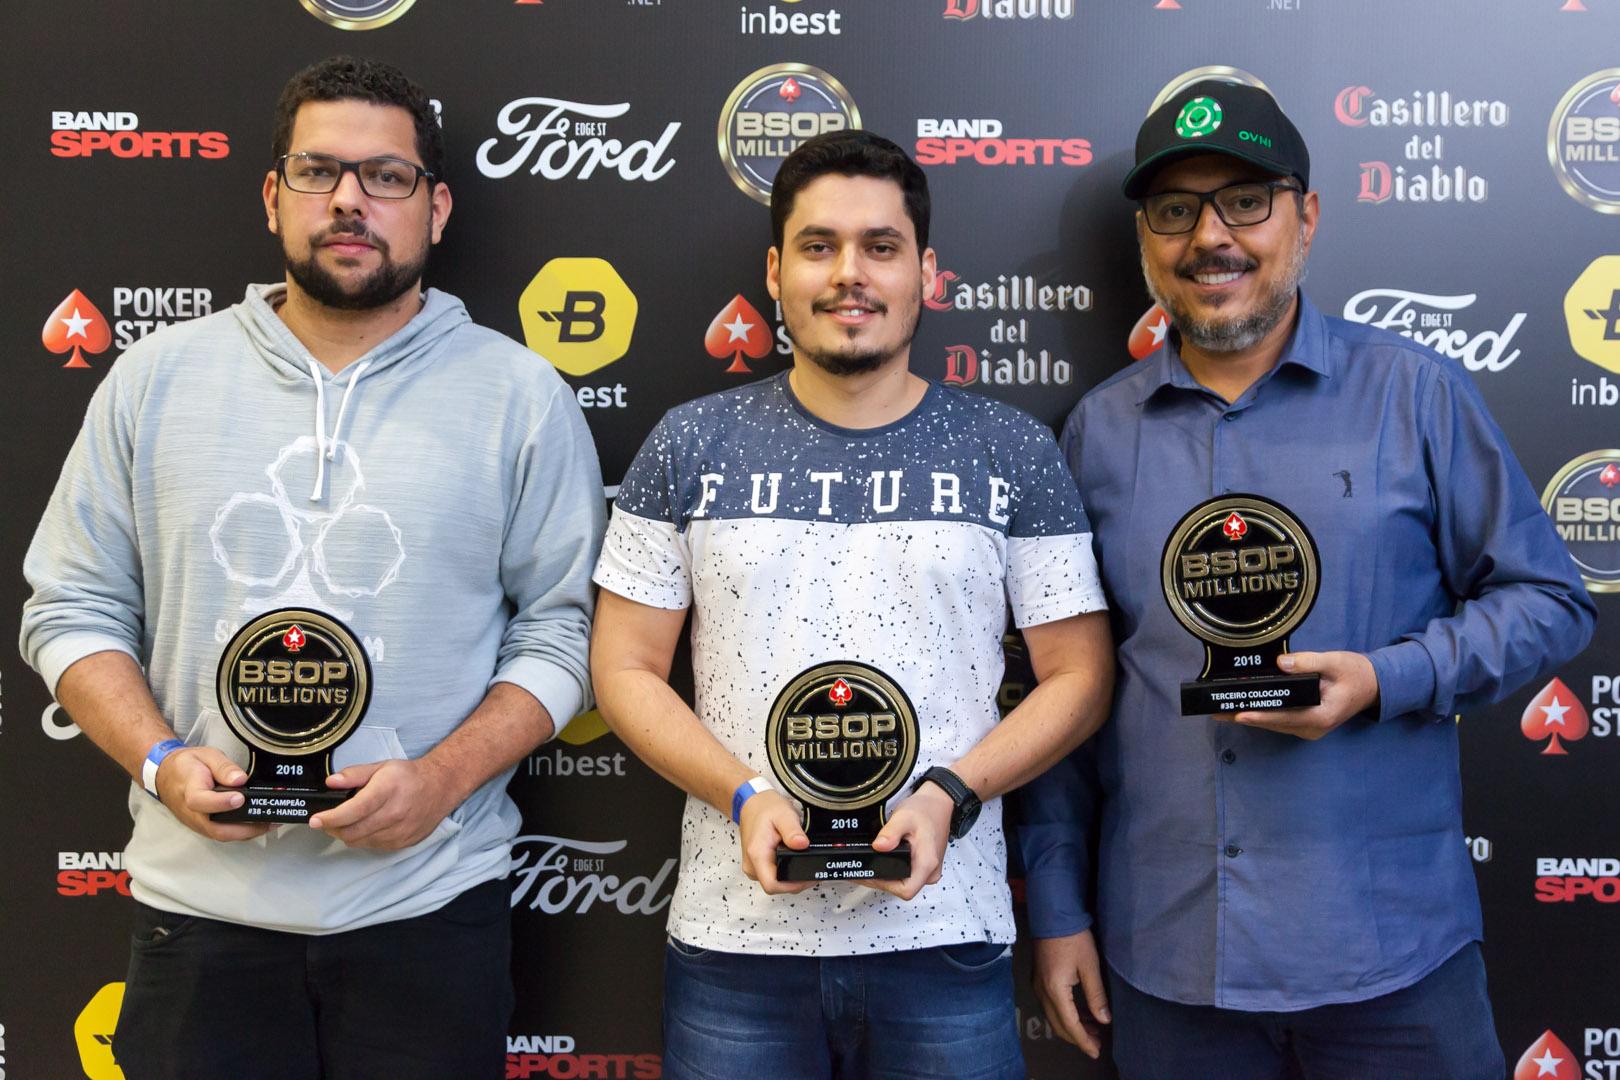 Bruno Severino, Gabriel Bonfim e Luiz Carlos dos Santos - Campeão 6-Handed - BSOP Millions